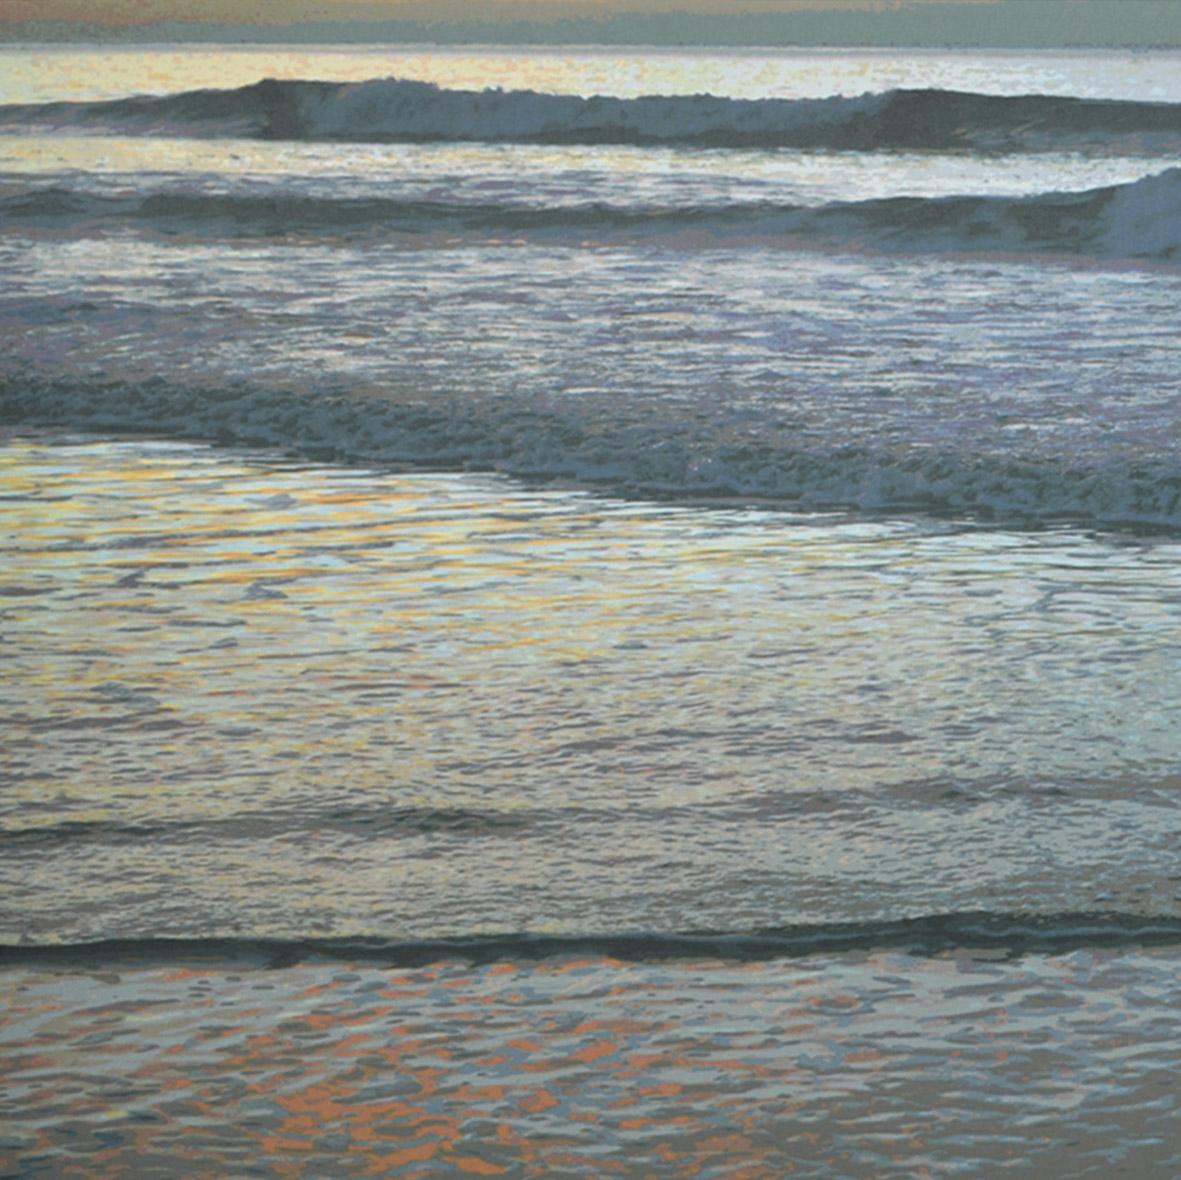 Ian_Brown_Atlantic_Ocean_detail.jpg